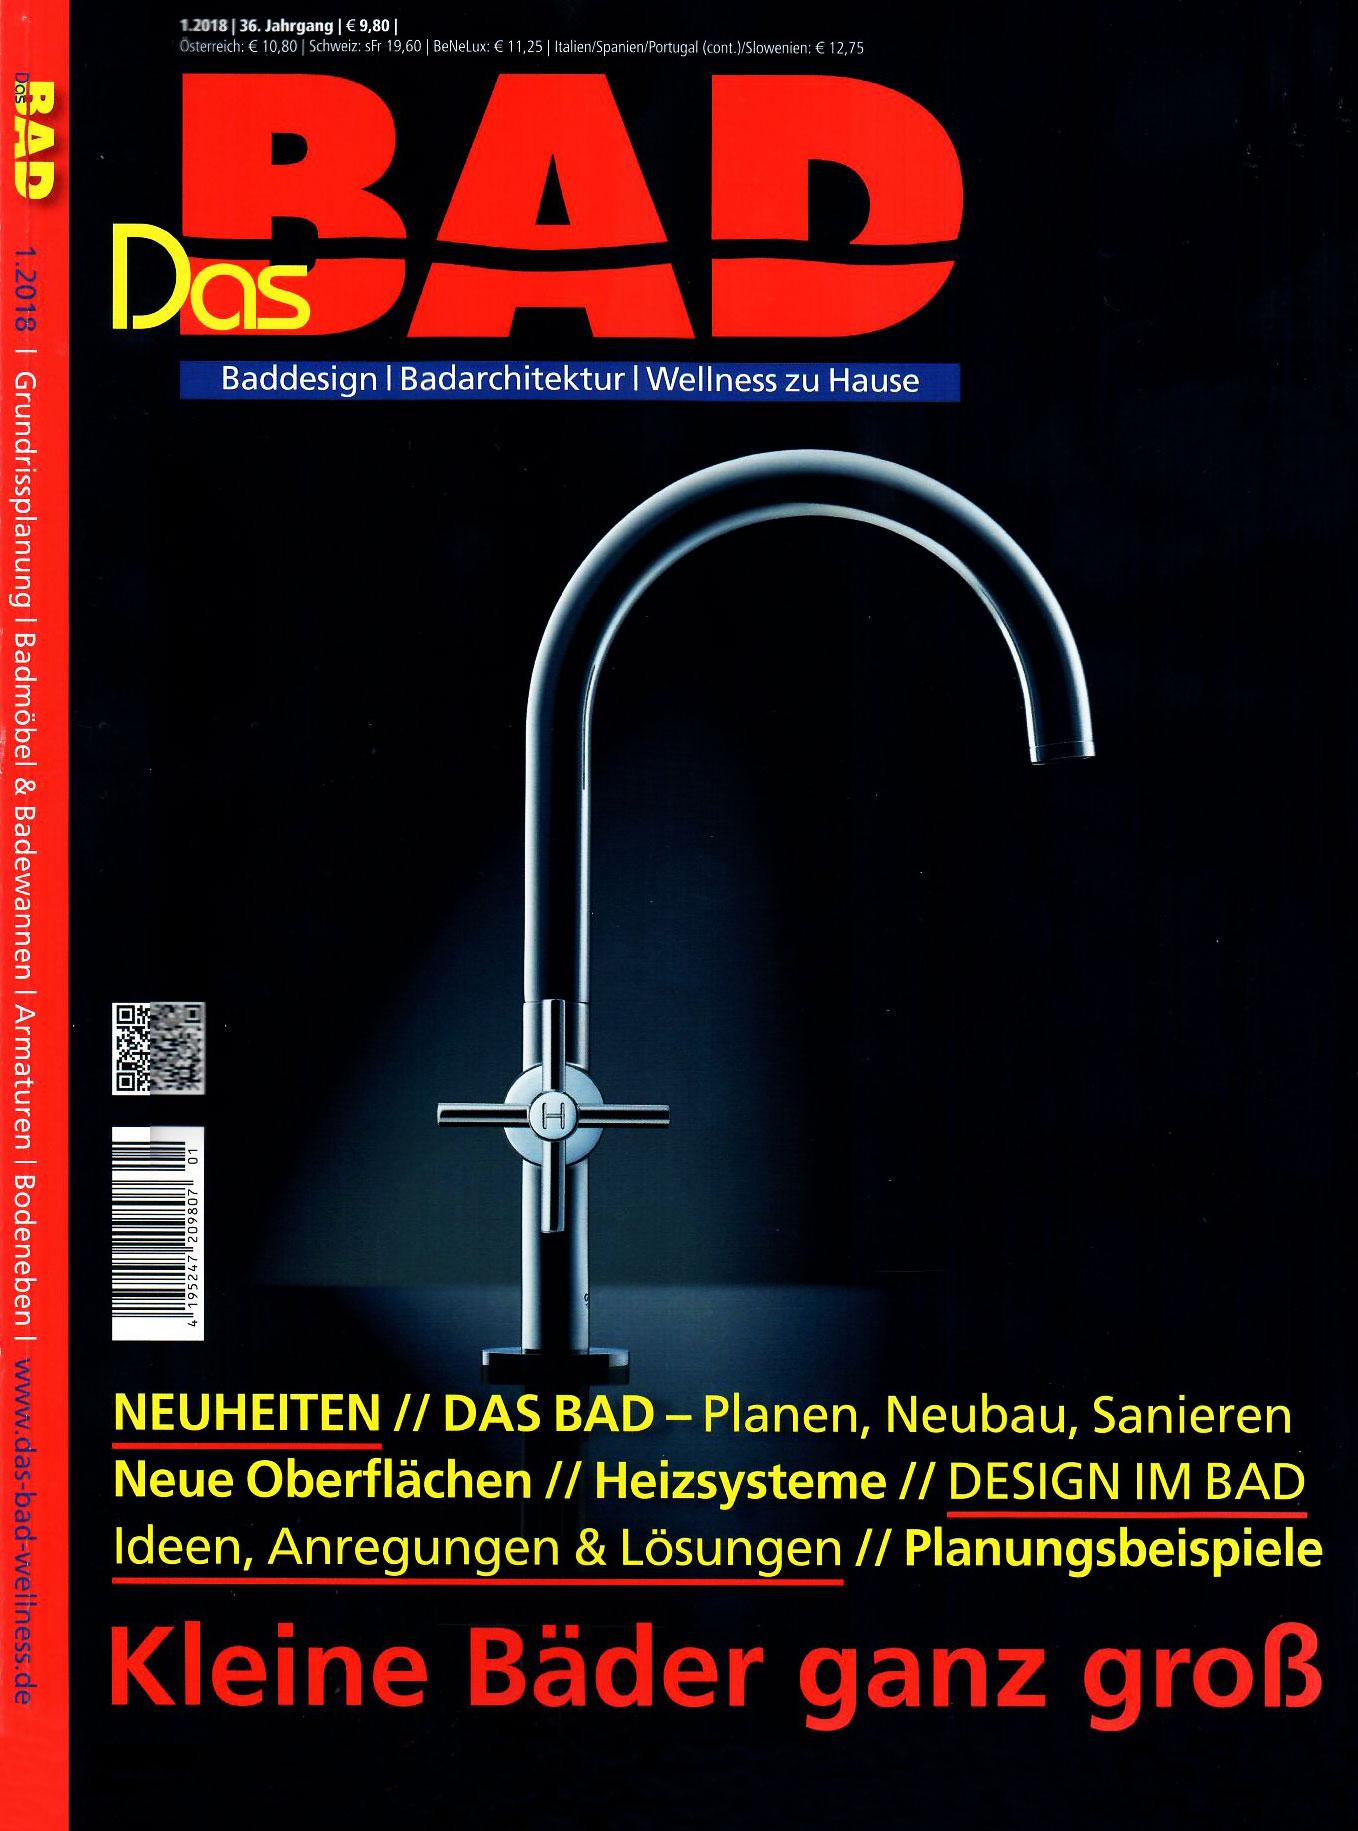 Böhm Badezimmer in der Zeitschrift – Das BAD – – Böhm Naturstein